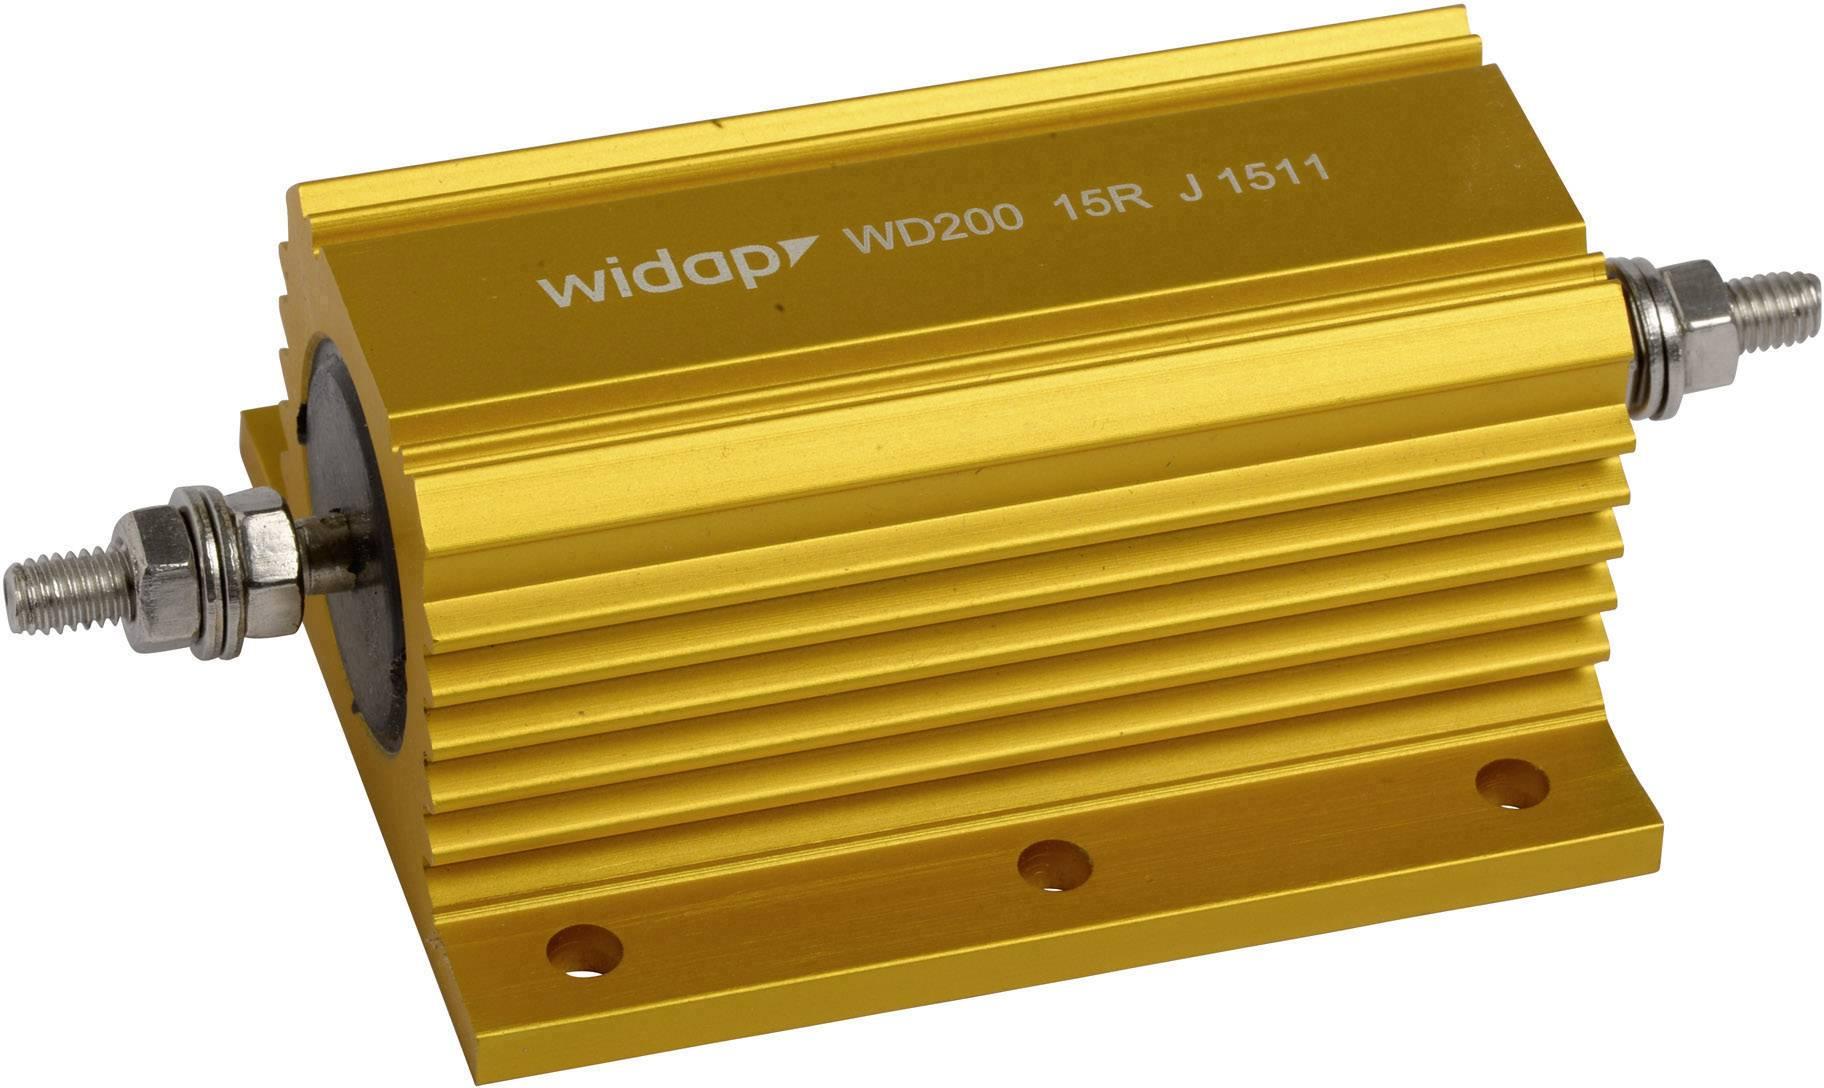 Drátový rezistor Widap 160157, hodnota odporu 150 Ohm, v pouzdře, 200 W, 1 ks